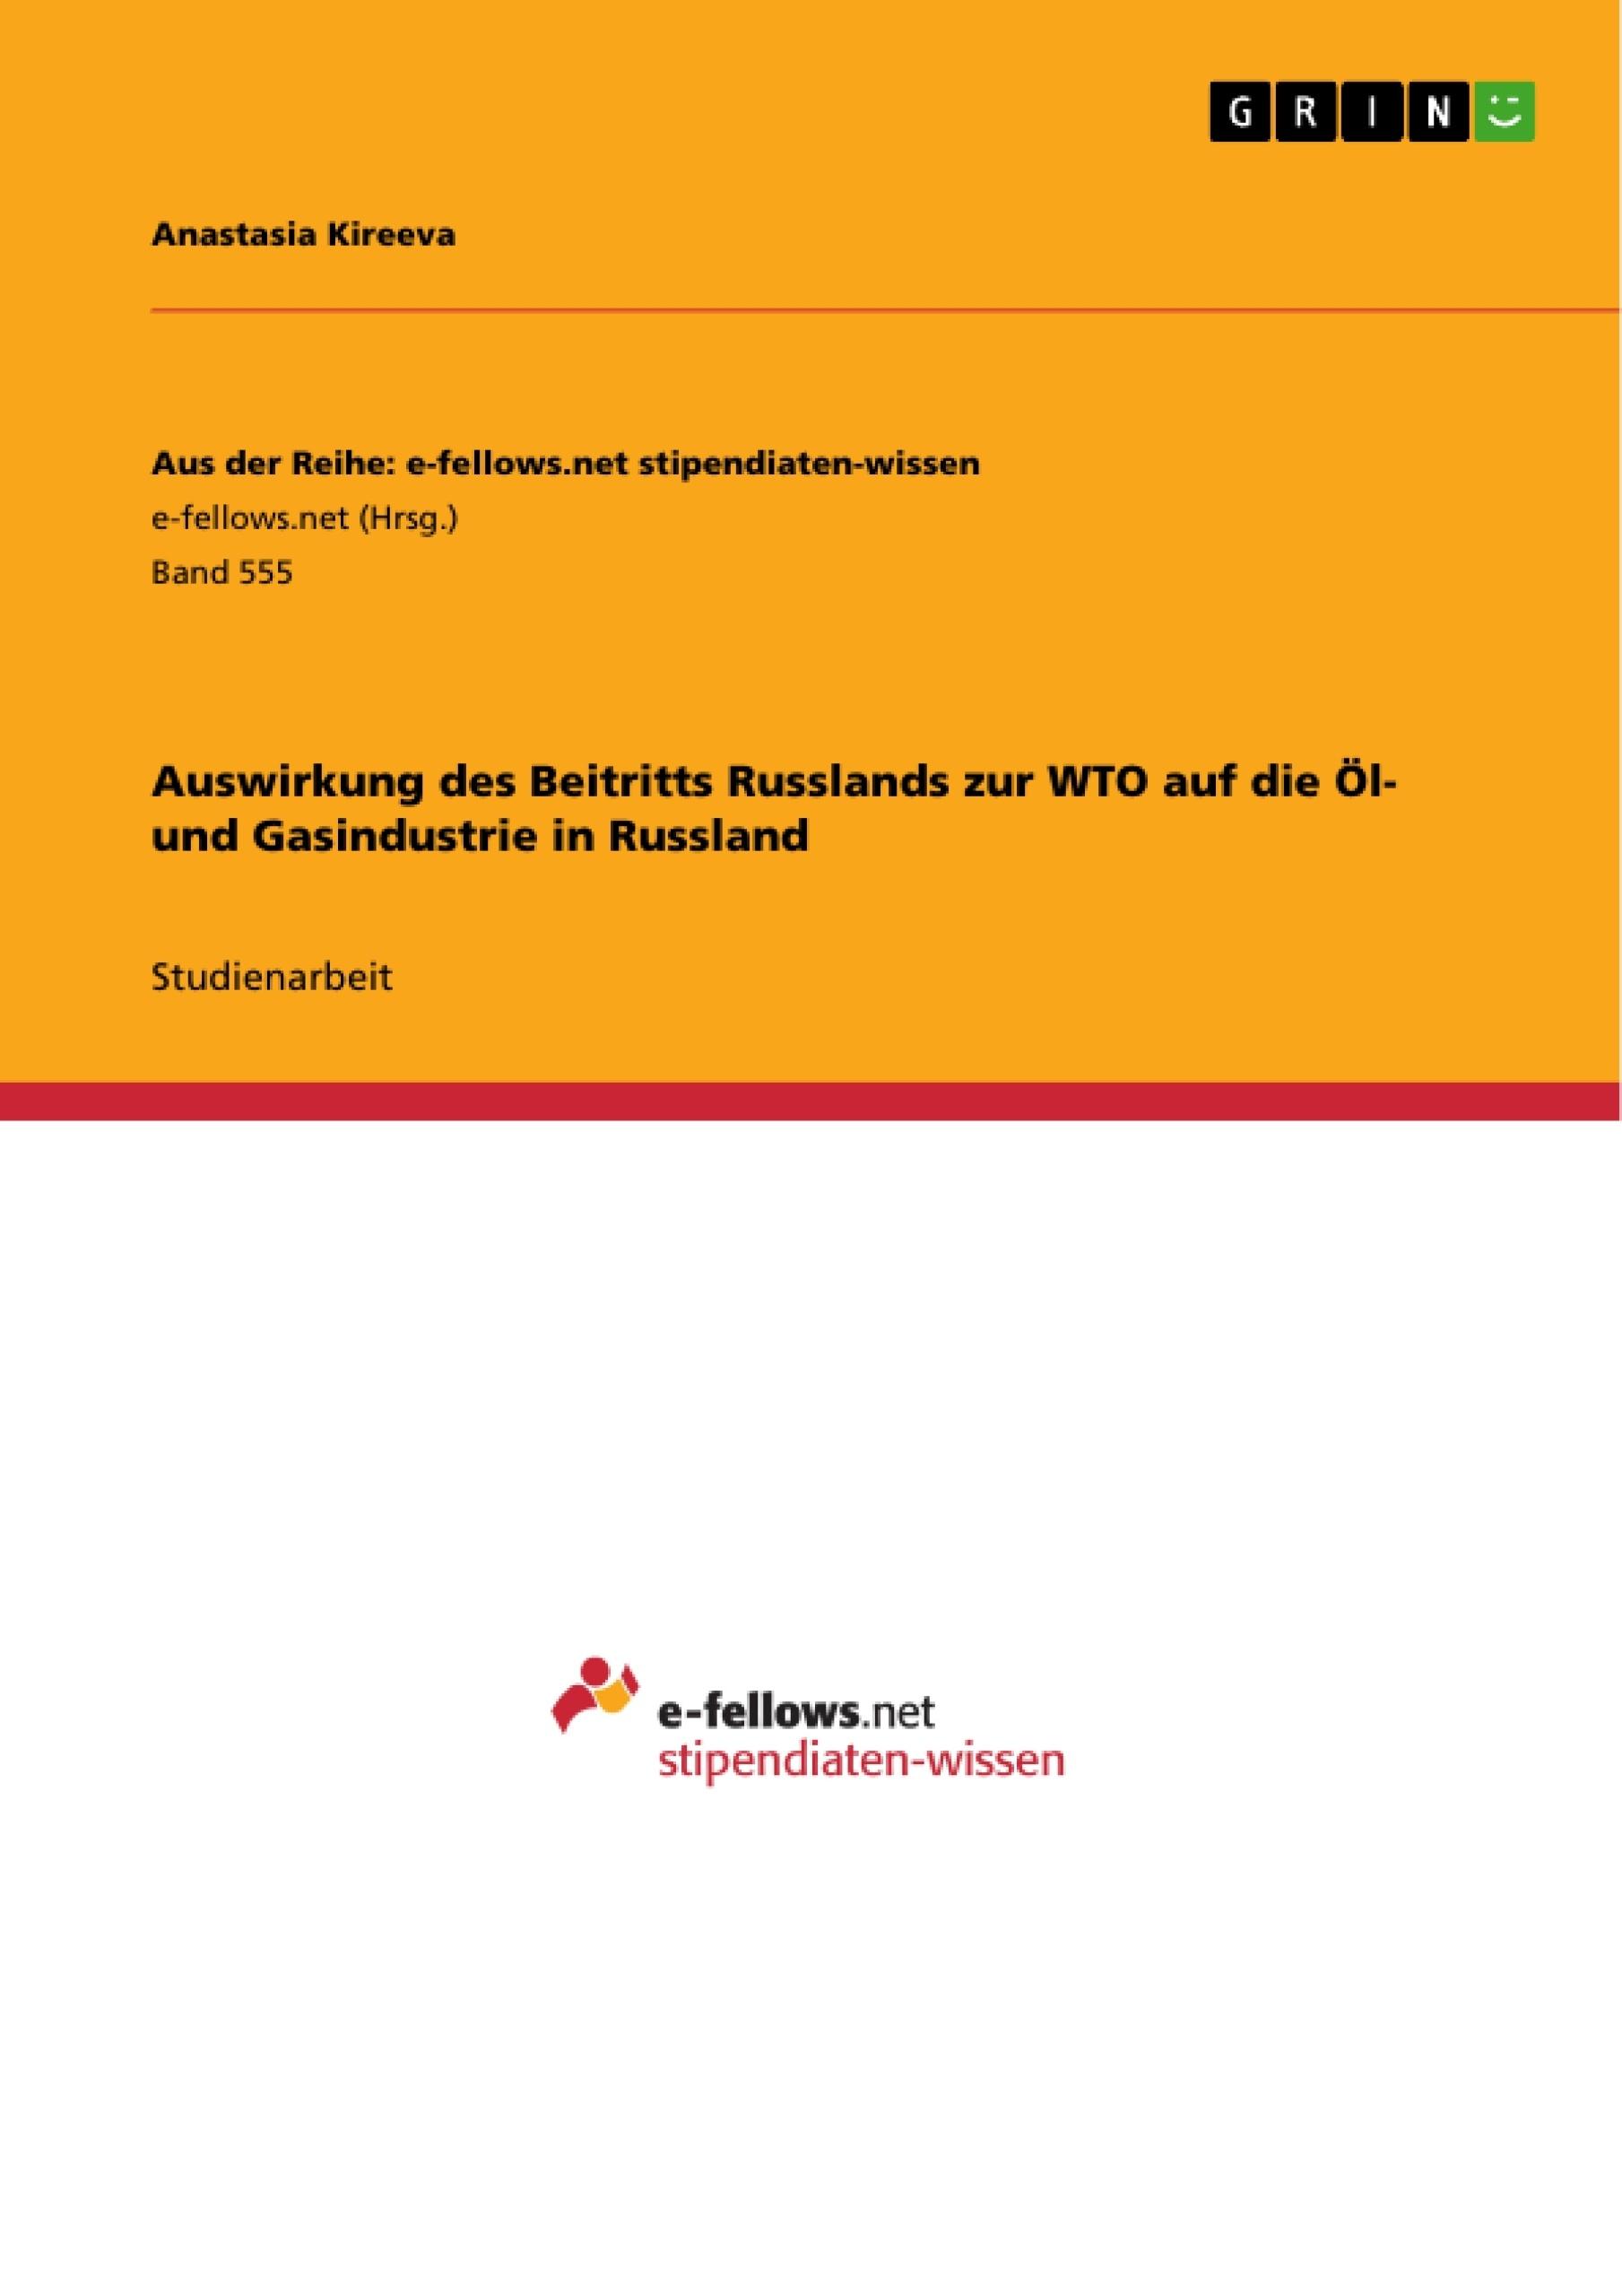 Titel: Auswirkung des Beitritts Russlands zur WTO  auf die Öl- und Gasindustrie in Russland